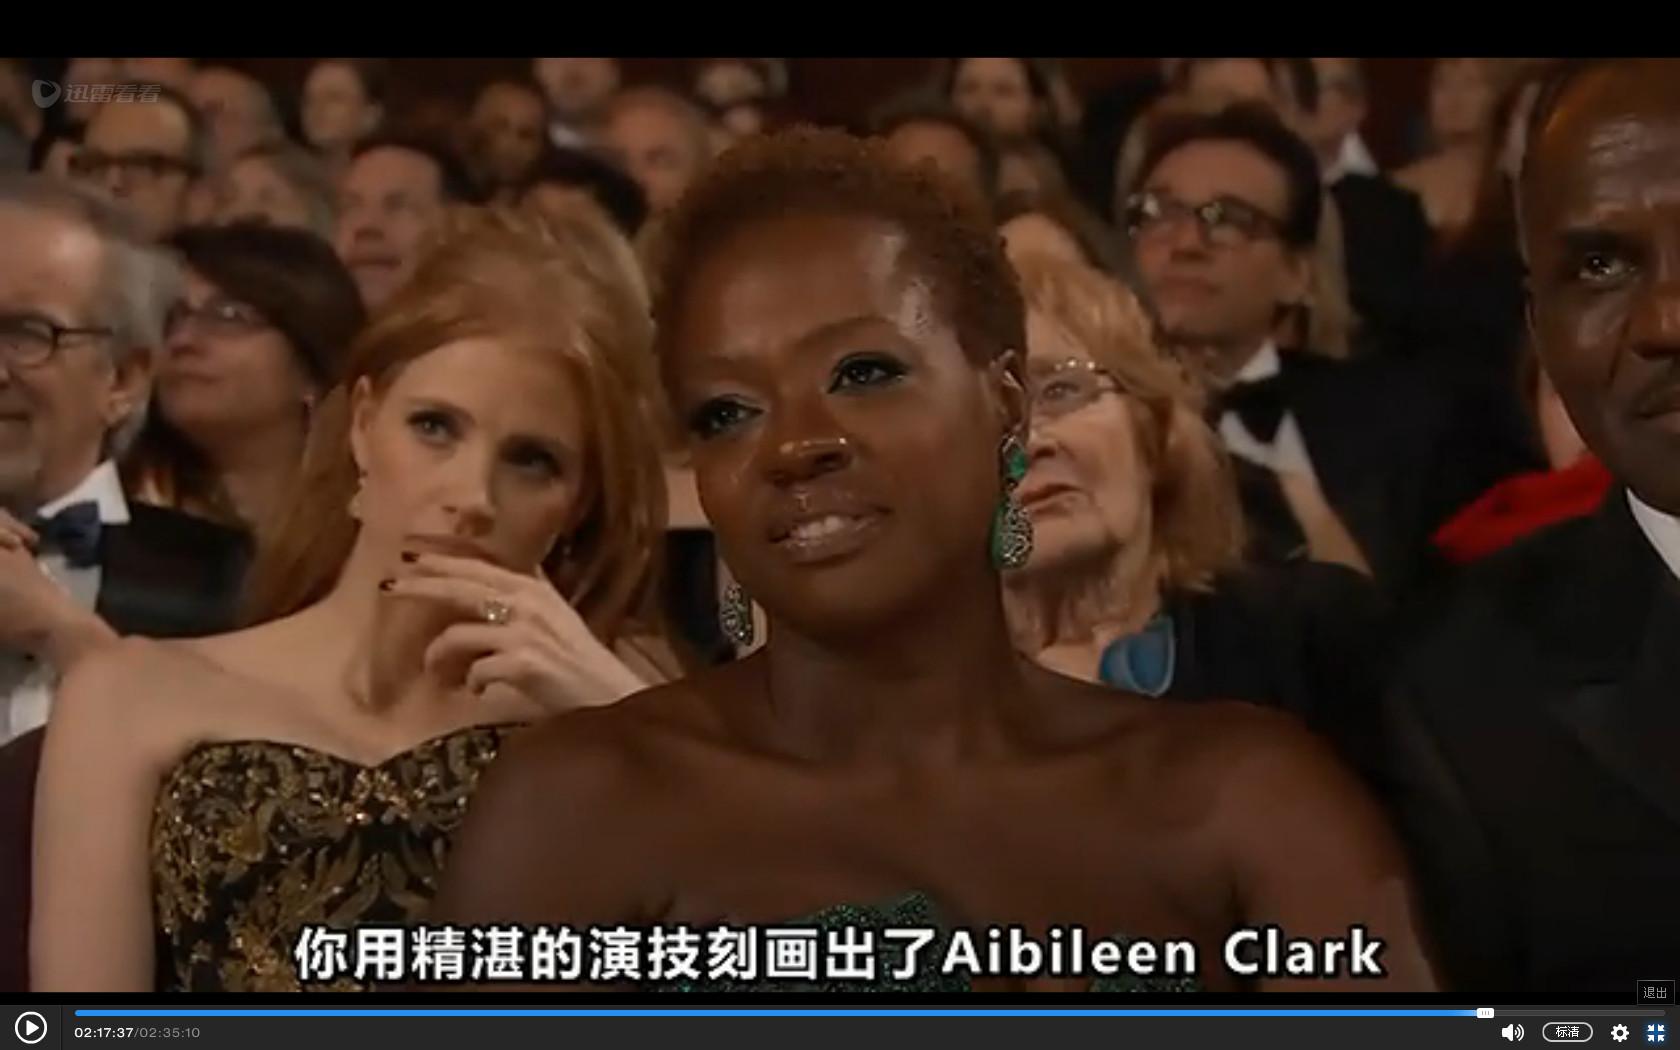 黑人后面的那个白人女子是谁?